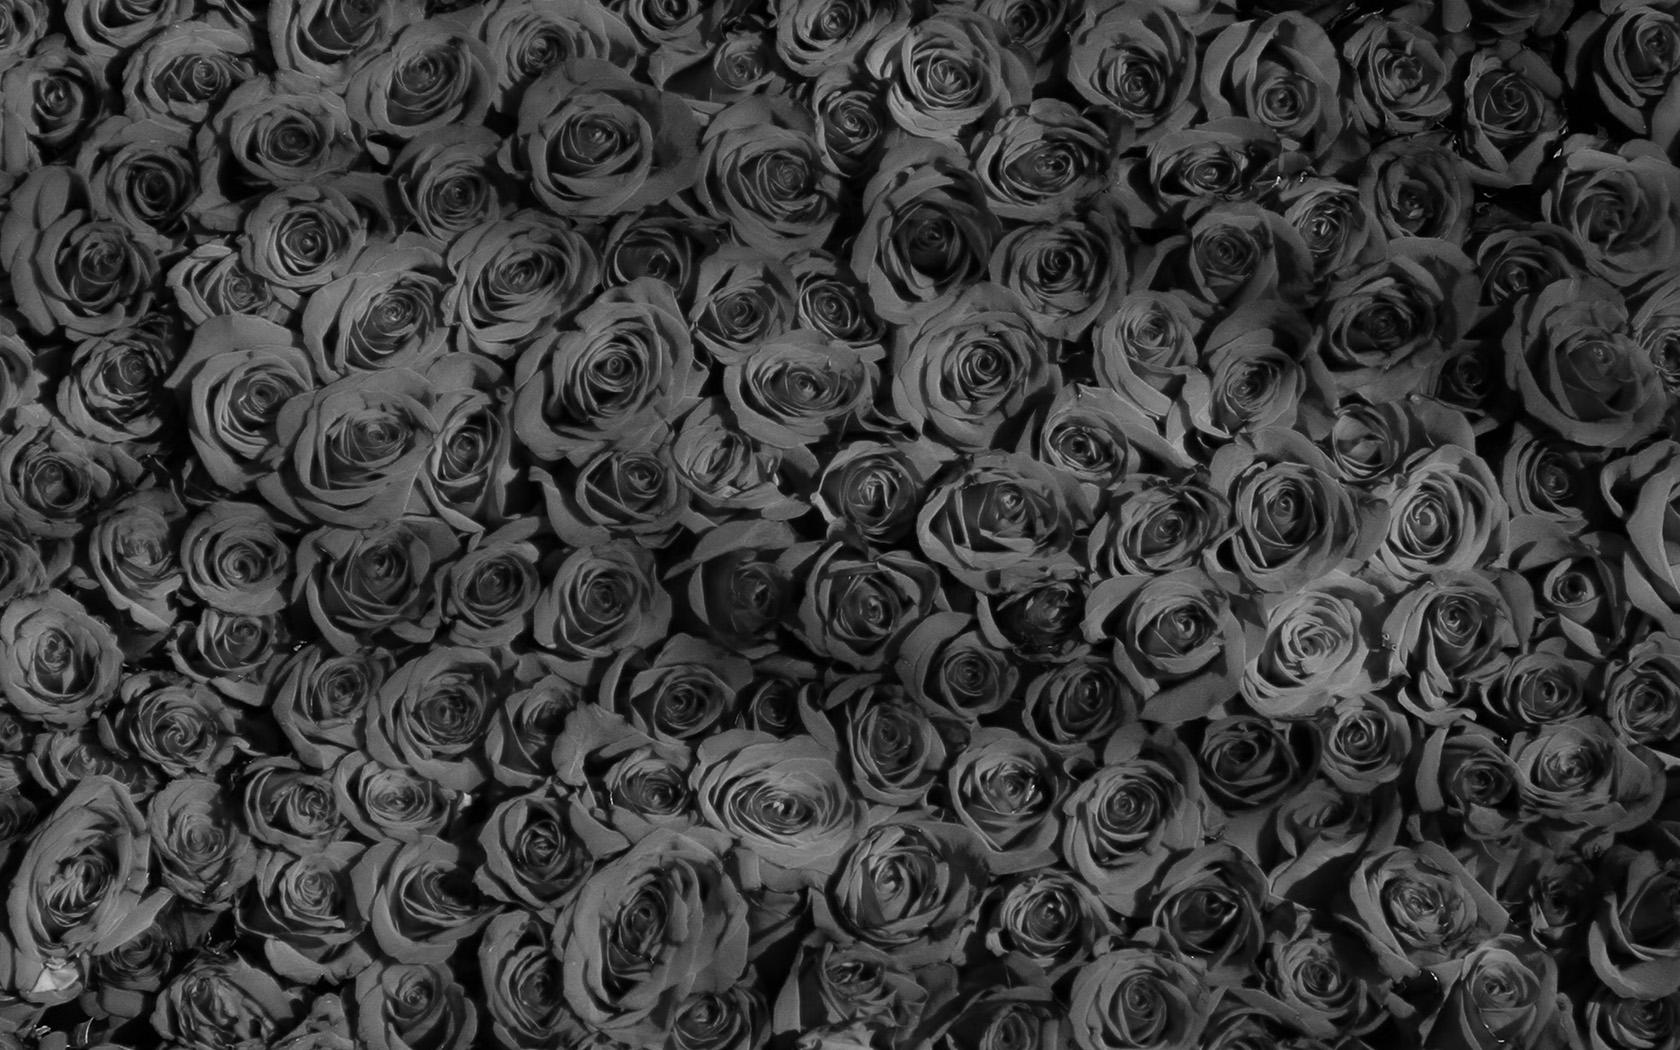 Animal Pattern Wallpaper Vo45 Rose Dark Bw Pattern Wallpaper